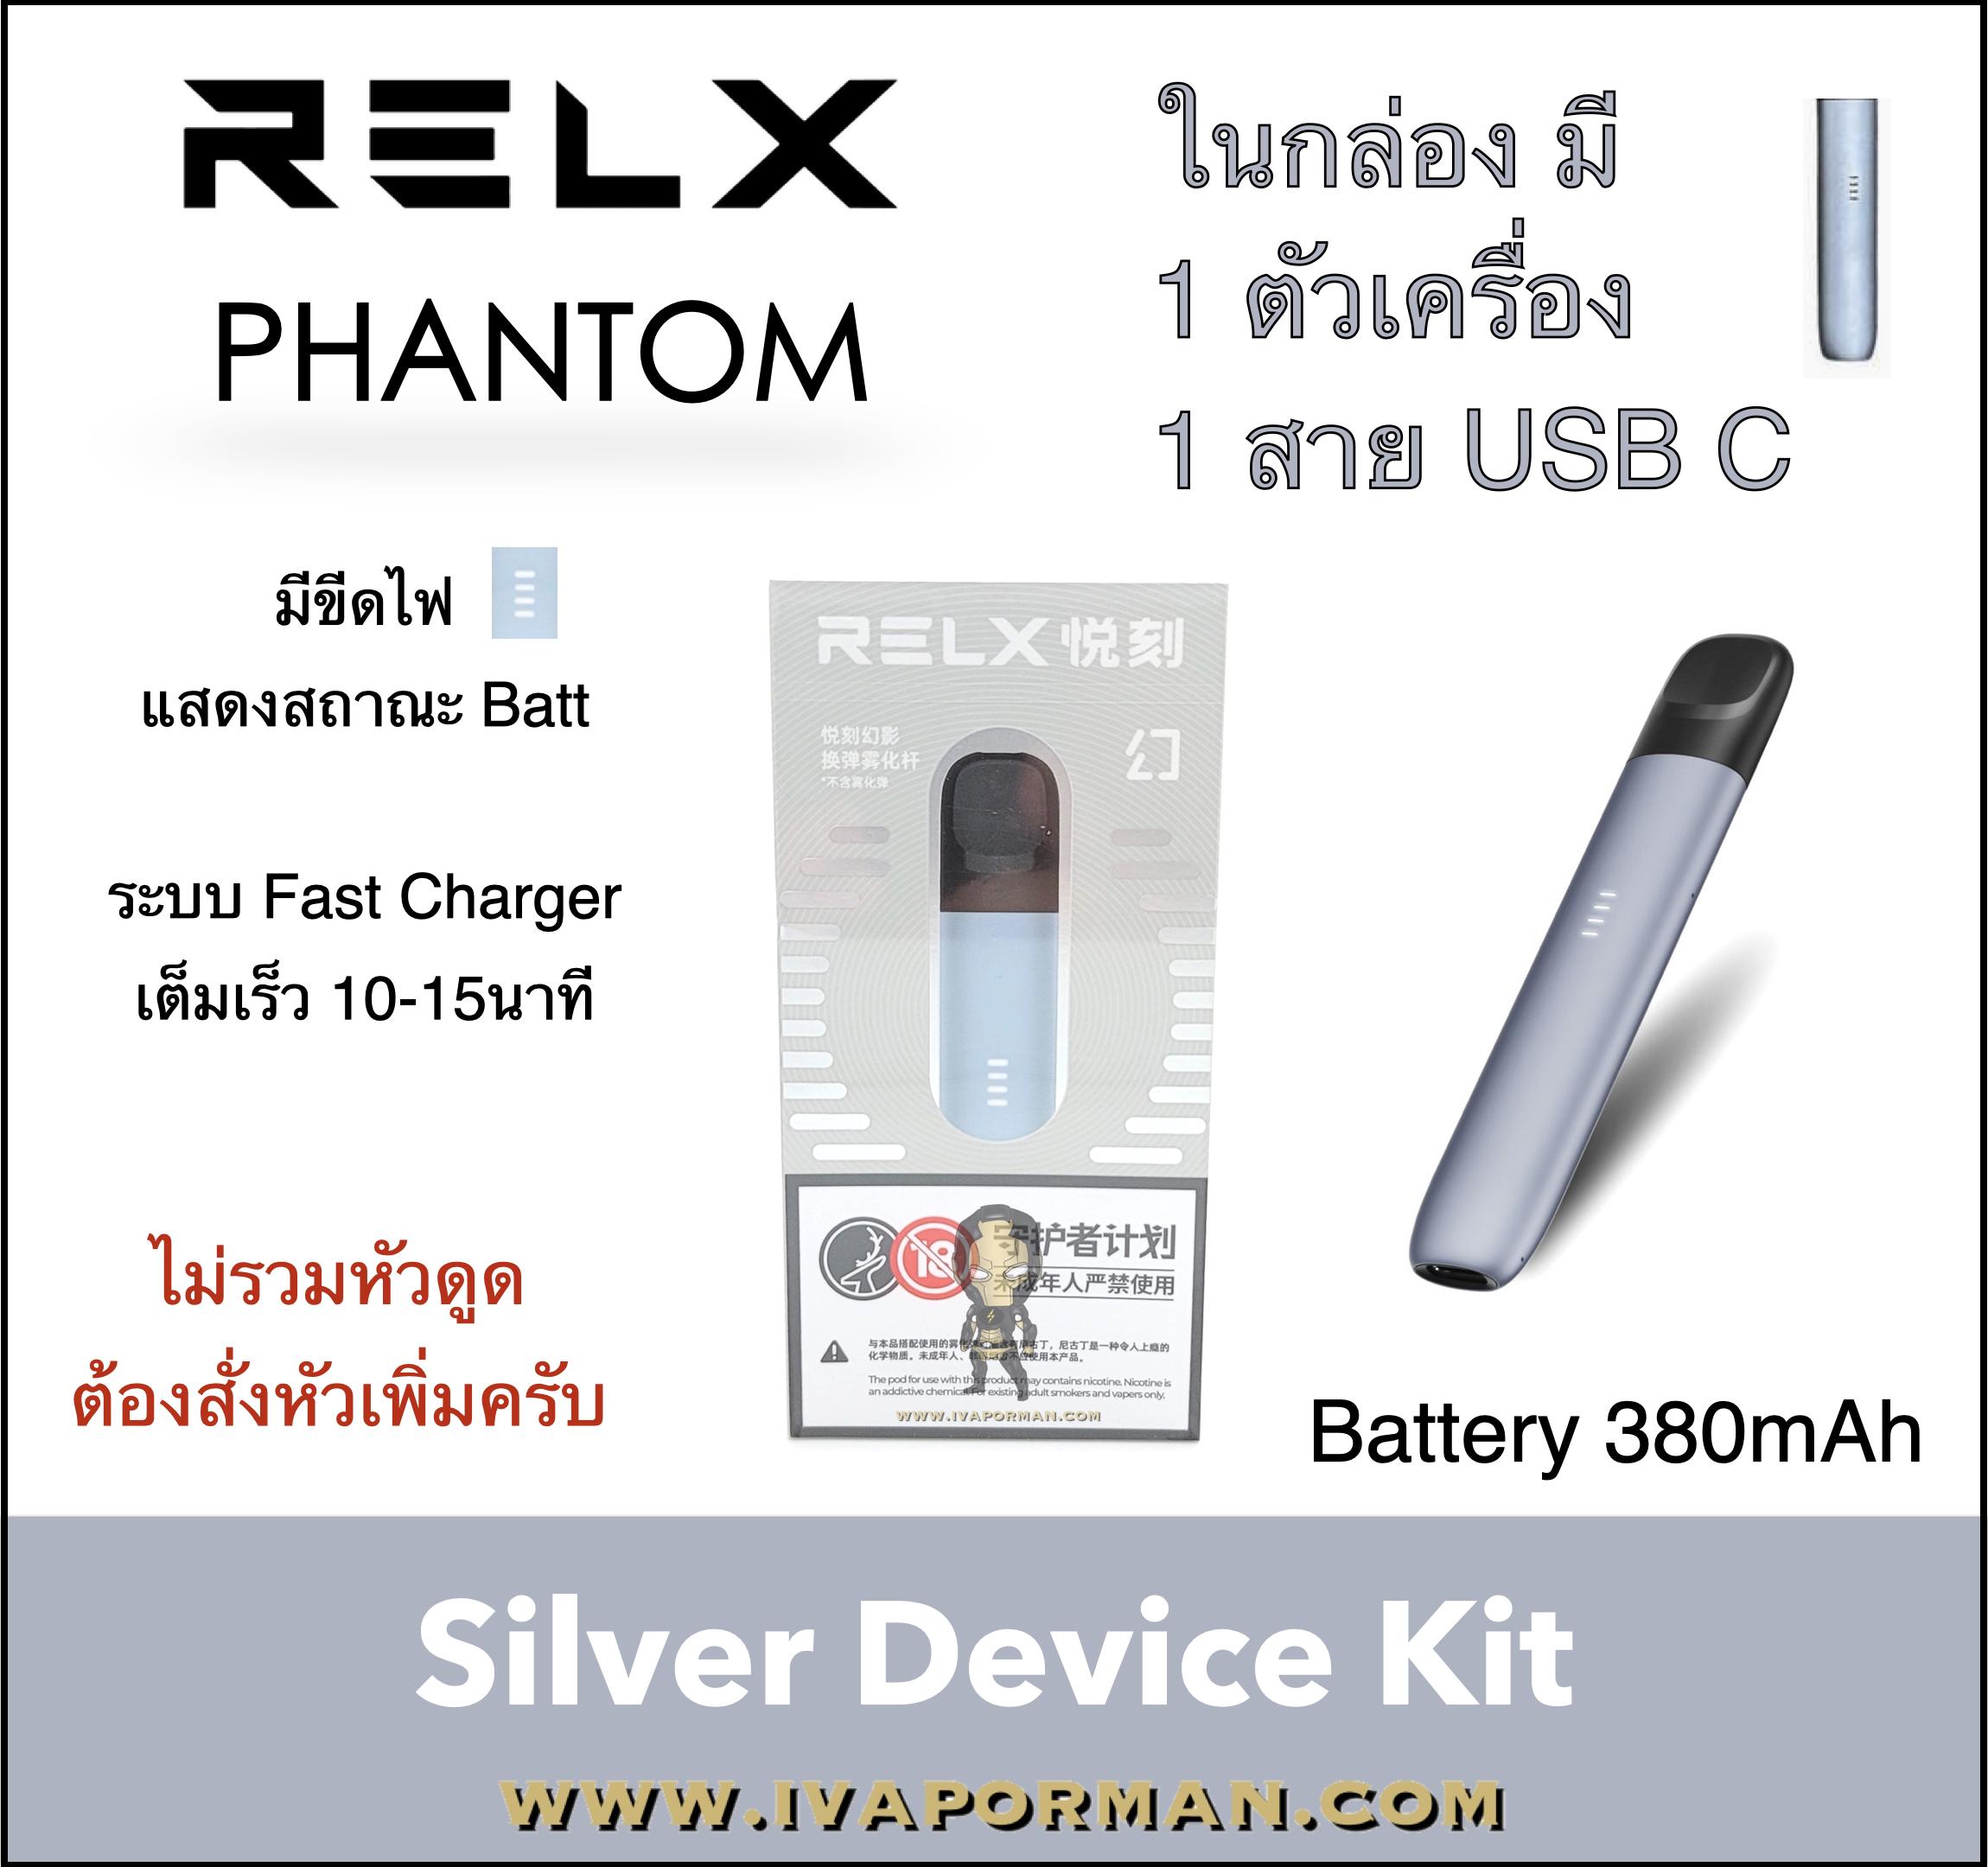 RELX Silver